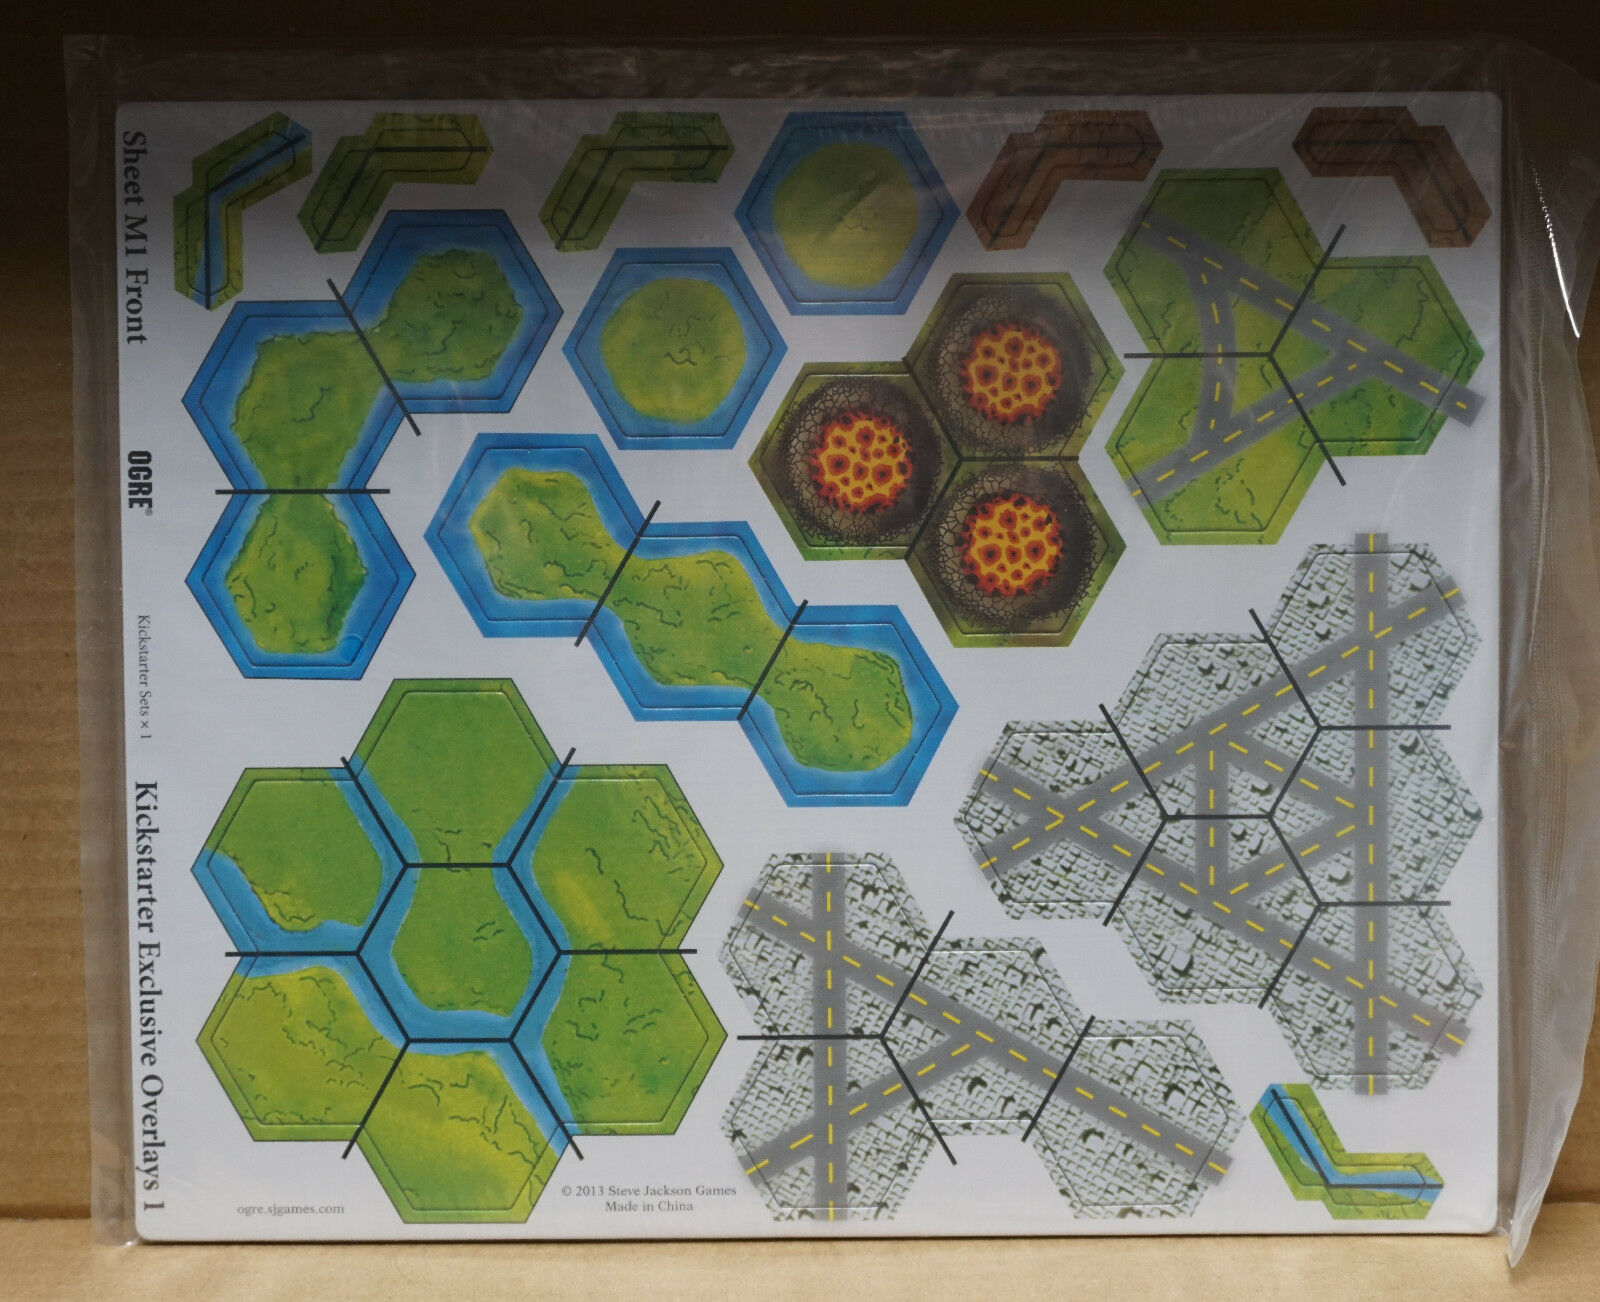 Ogre Board Game pédale de démarrage Exclusive superpositions 1 Feuille M1 & M2 (2 feuilles)